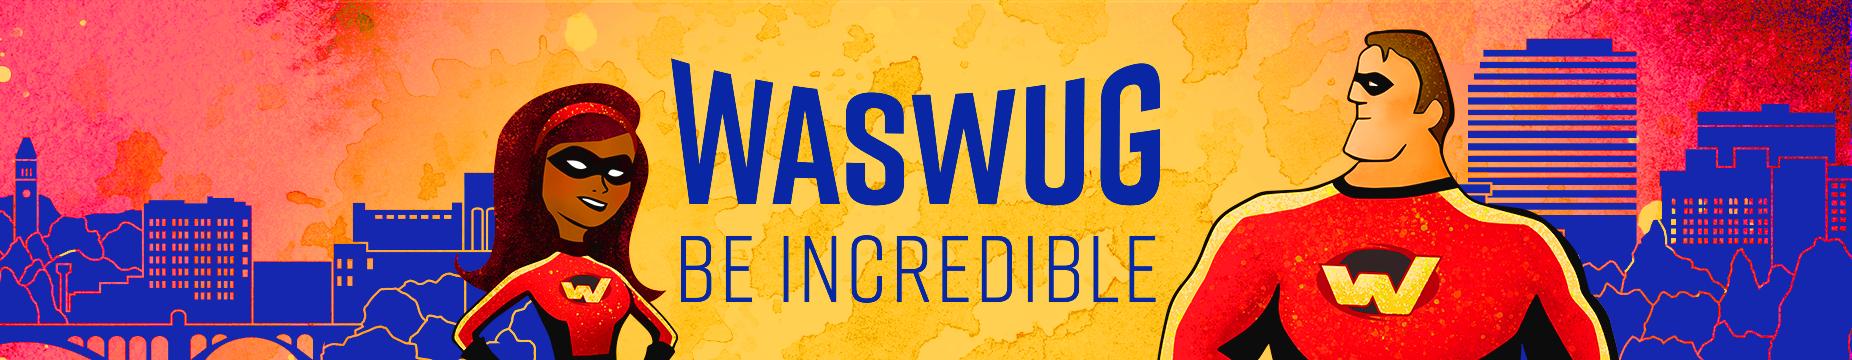 WASWUG Fall 2019